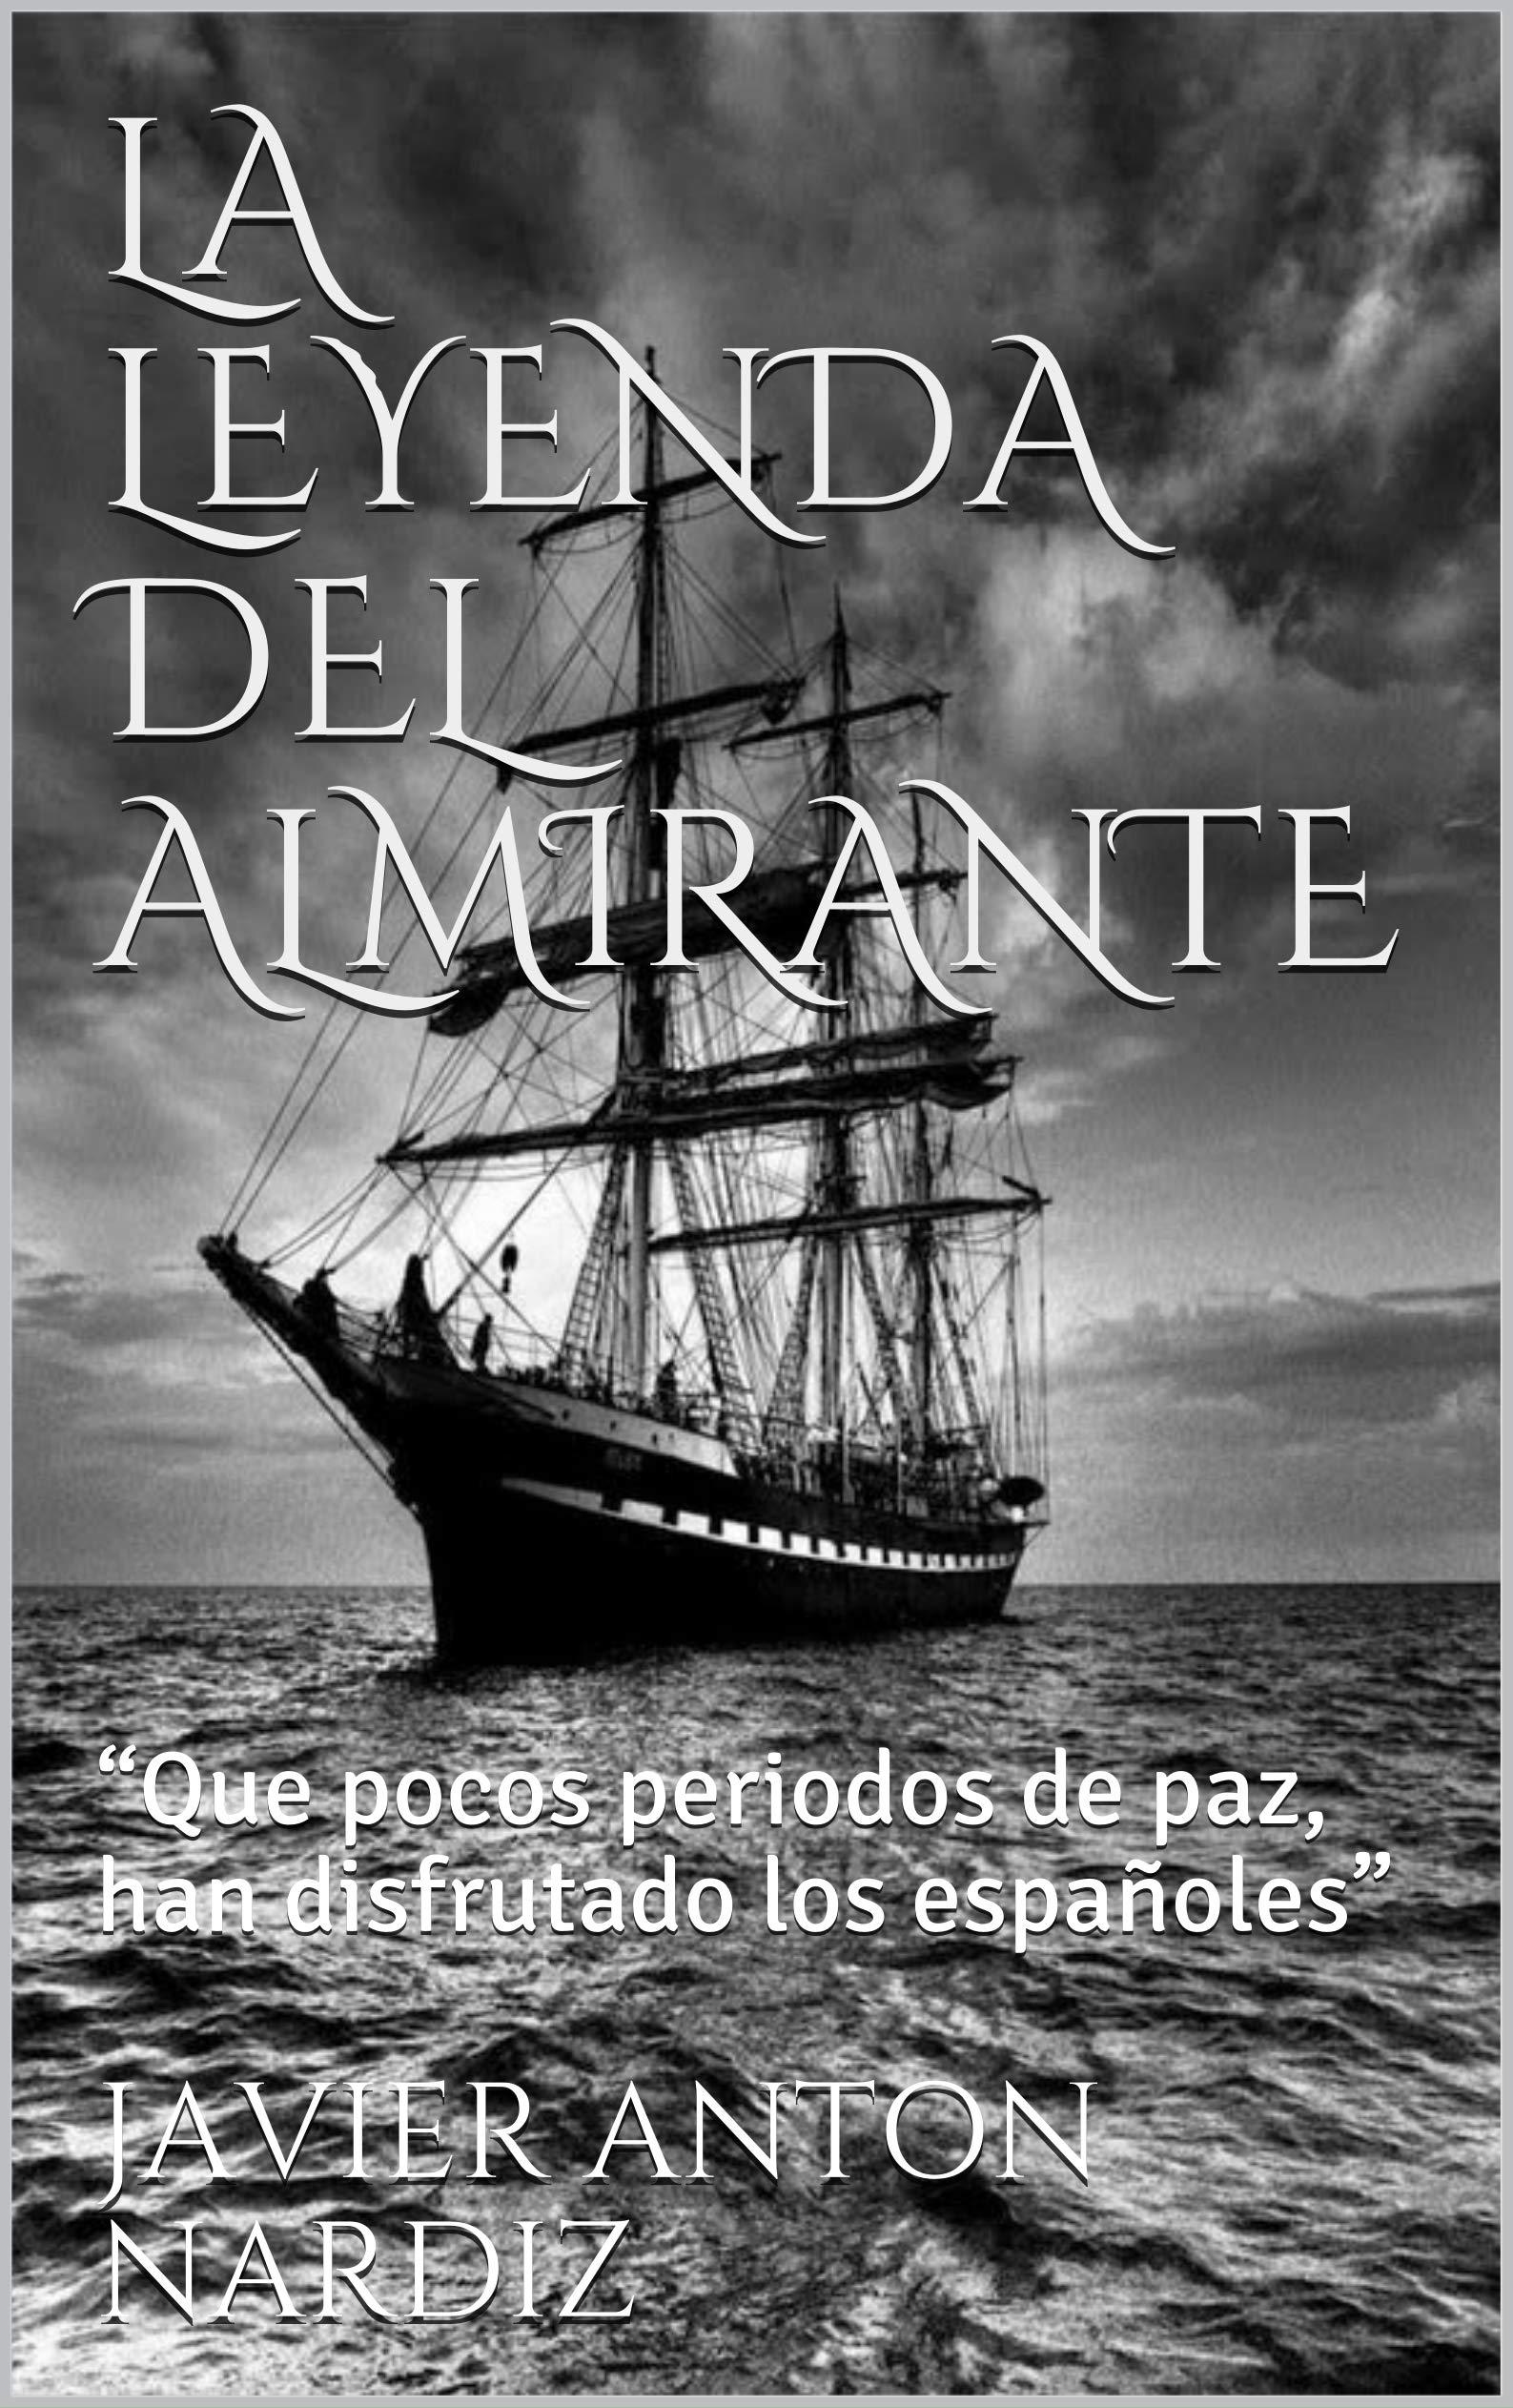 """LA LEYENDA DEL ALMIRANTE: """"Que pocos periodos de paz, han disfrutado los españoles"""""""